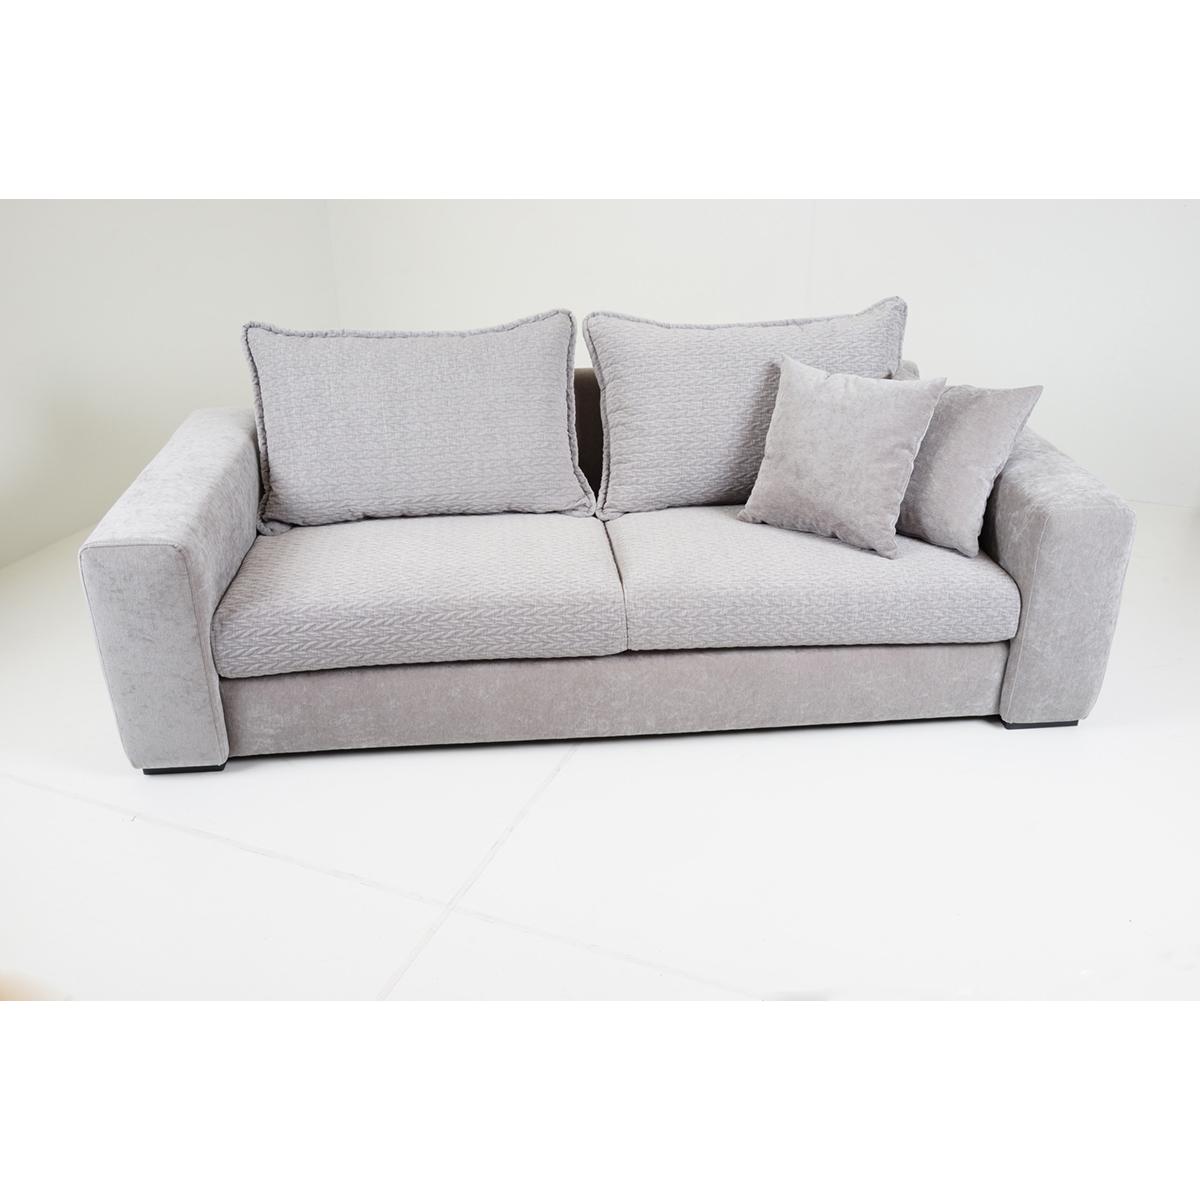 sofa venezia das designersofa mit stil nur bei moebel trend 24 online kaufen moebel trend 24